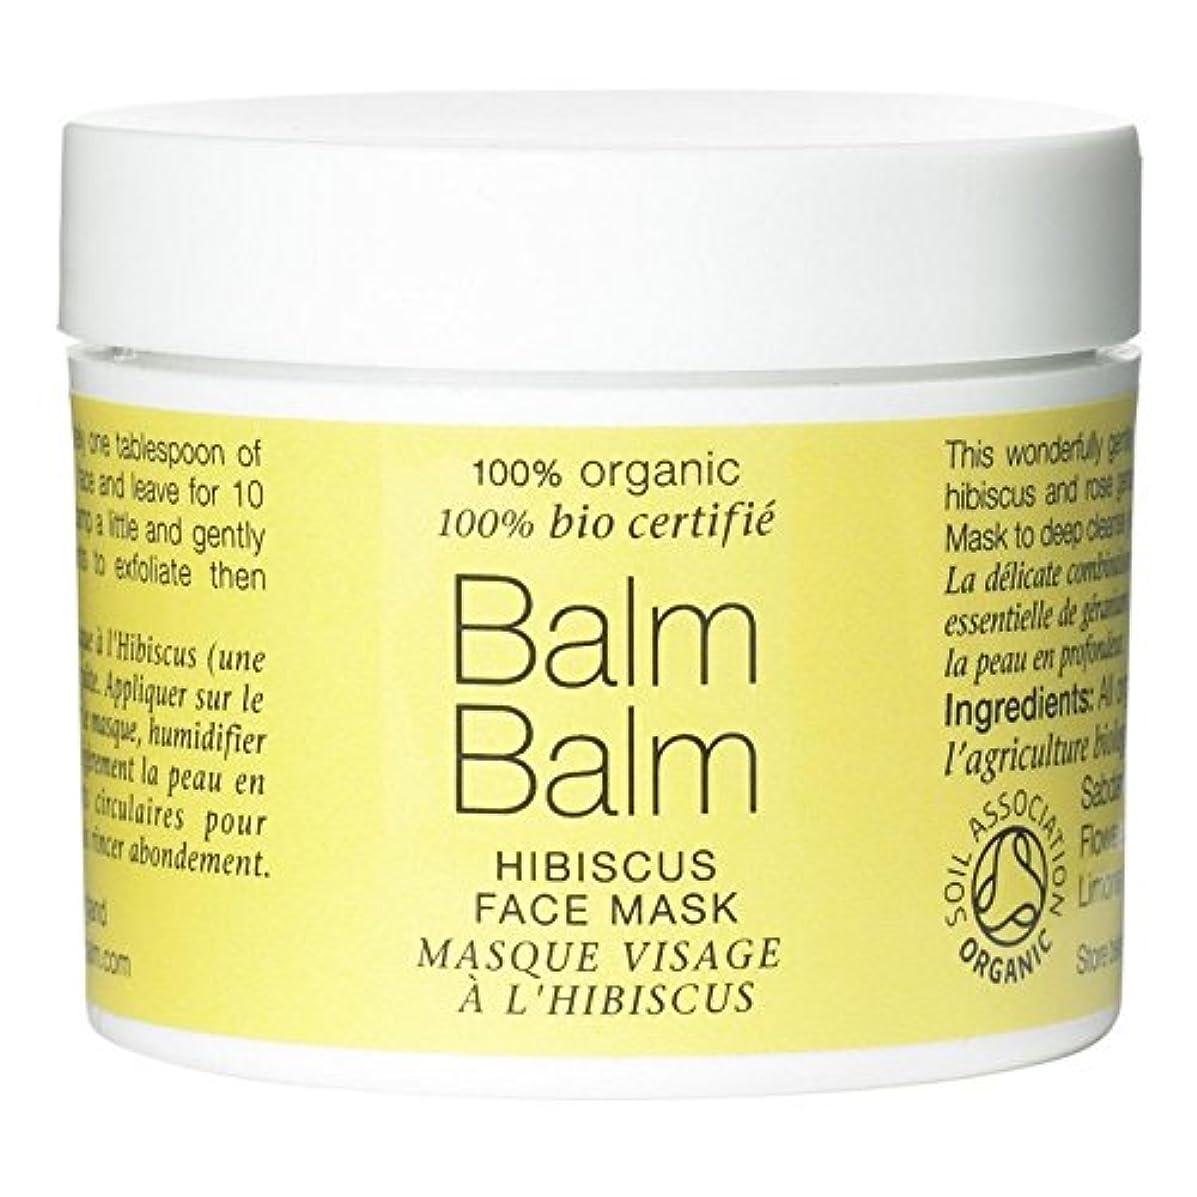 デジタル小石離すバームバームオーガニックハイビスカスフェイスマスク100グラム x2 - Balm Balm Organic Hibiscus Face Mask 100g (Pack of 2) [並行輸入品]